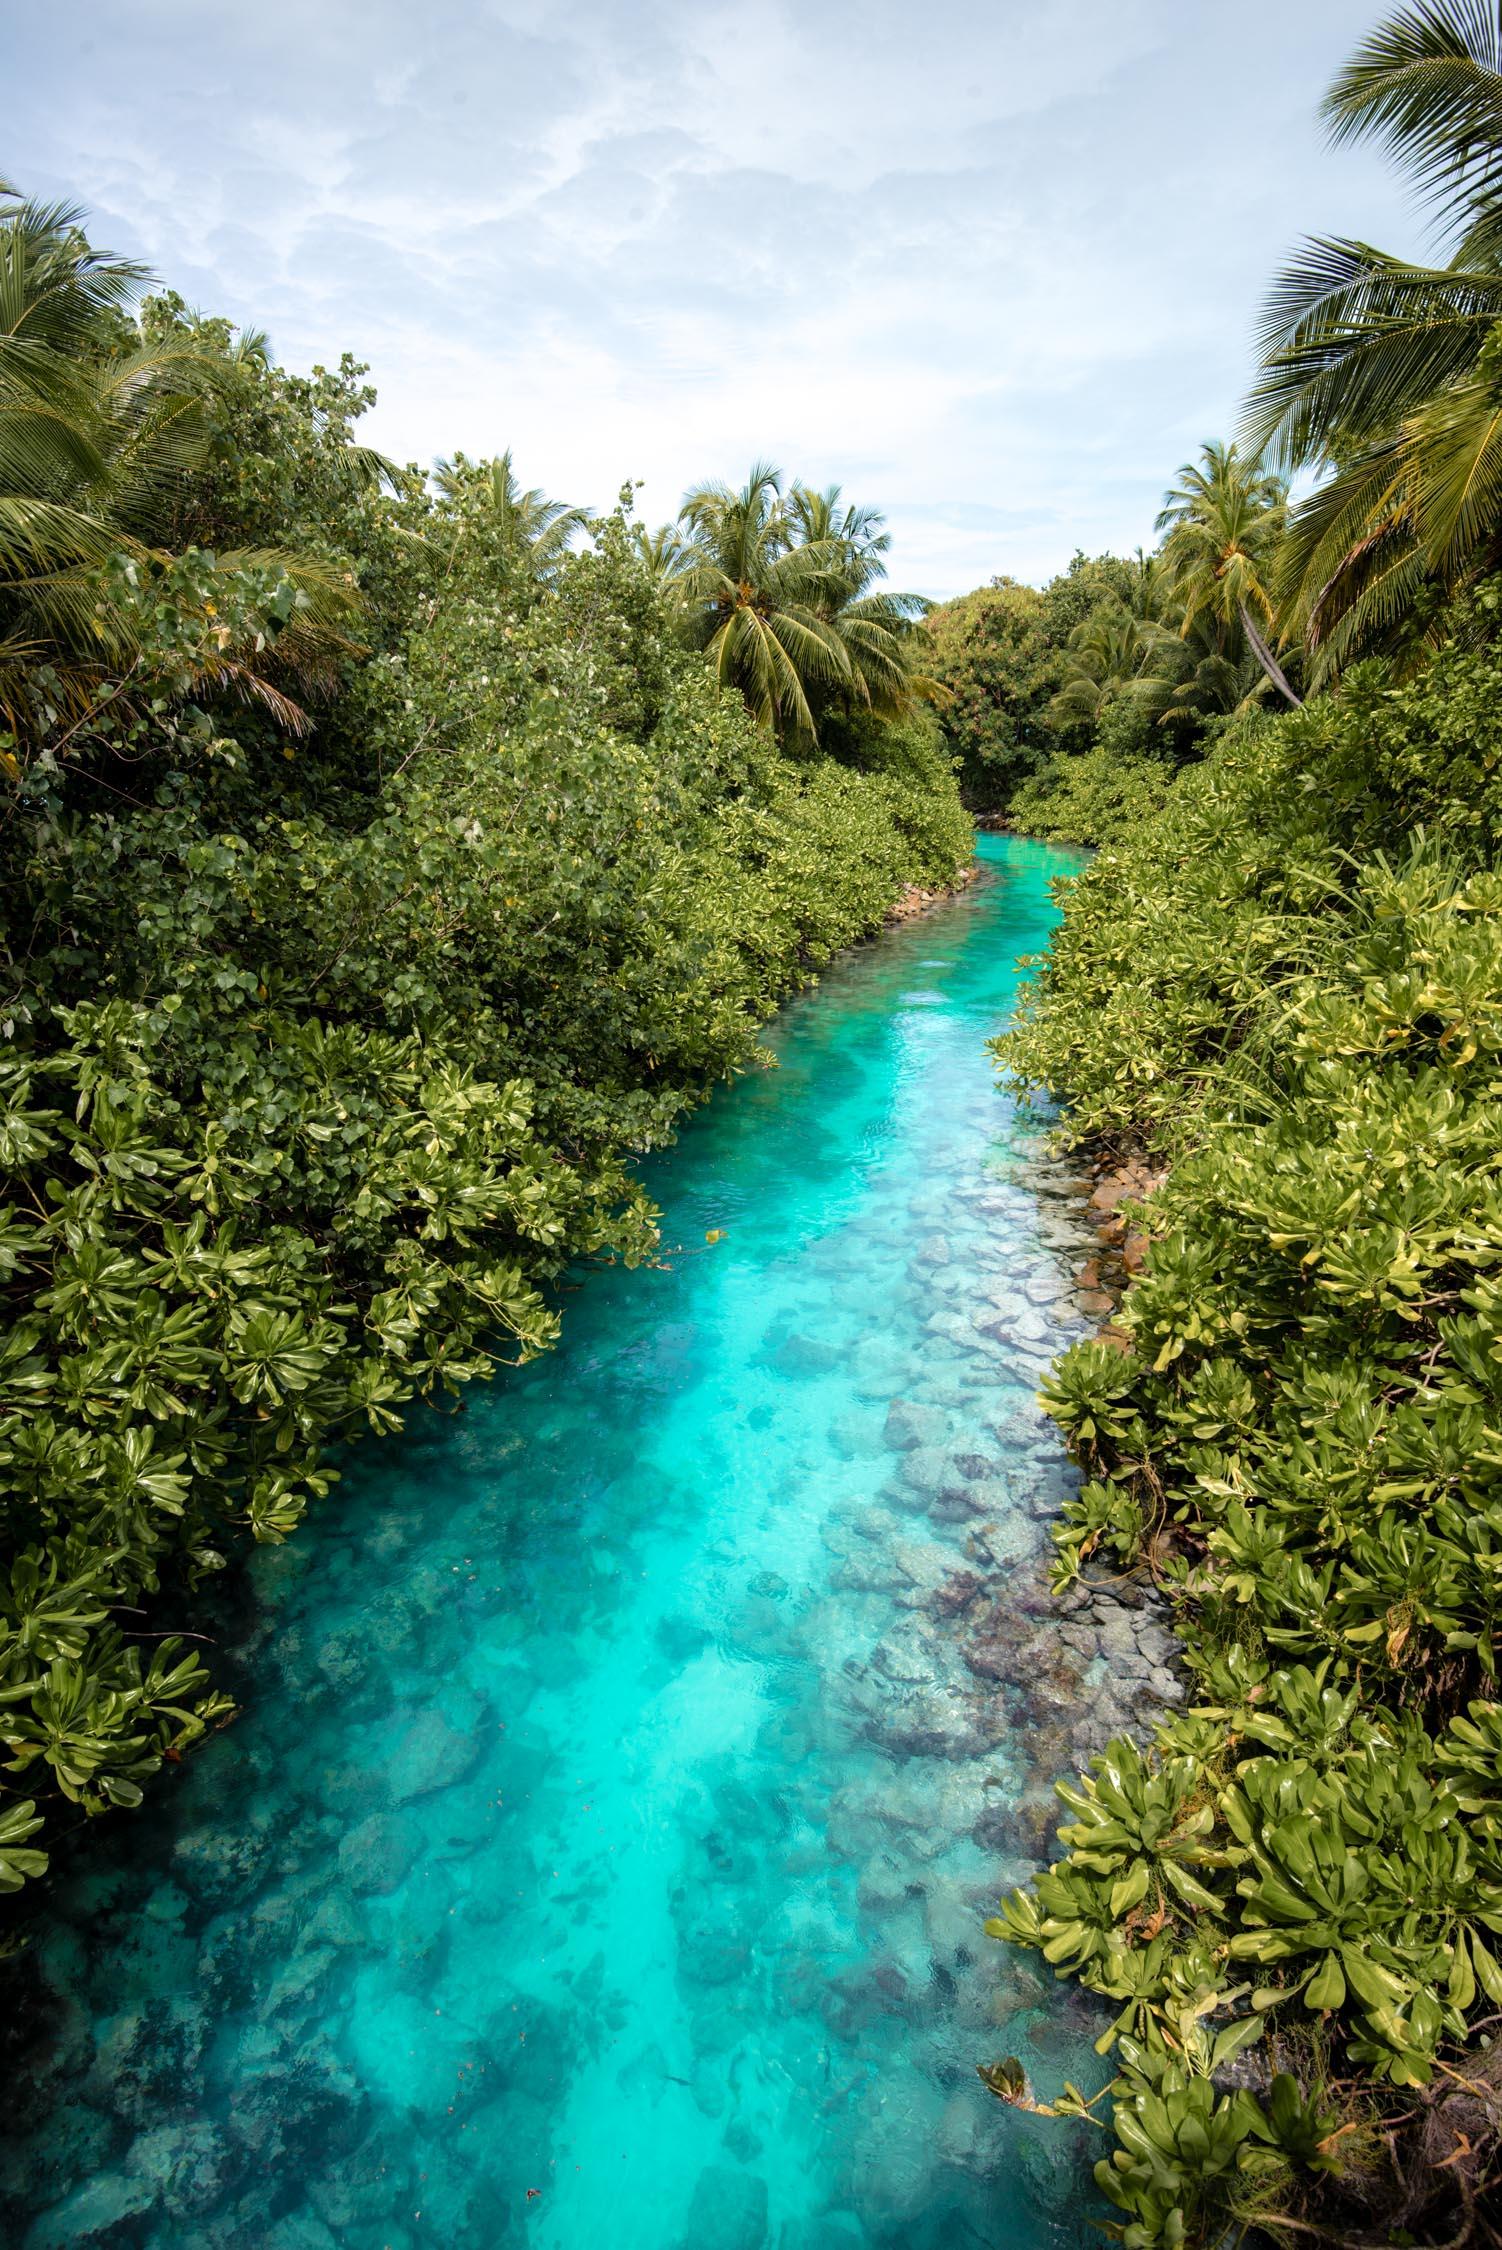 Maldives_Reethi-Rah-26-20170519.jpg